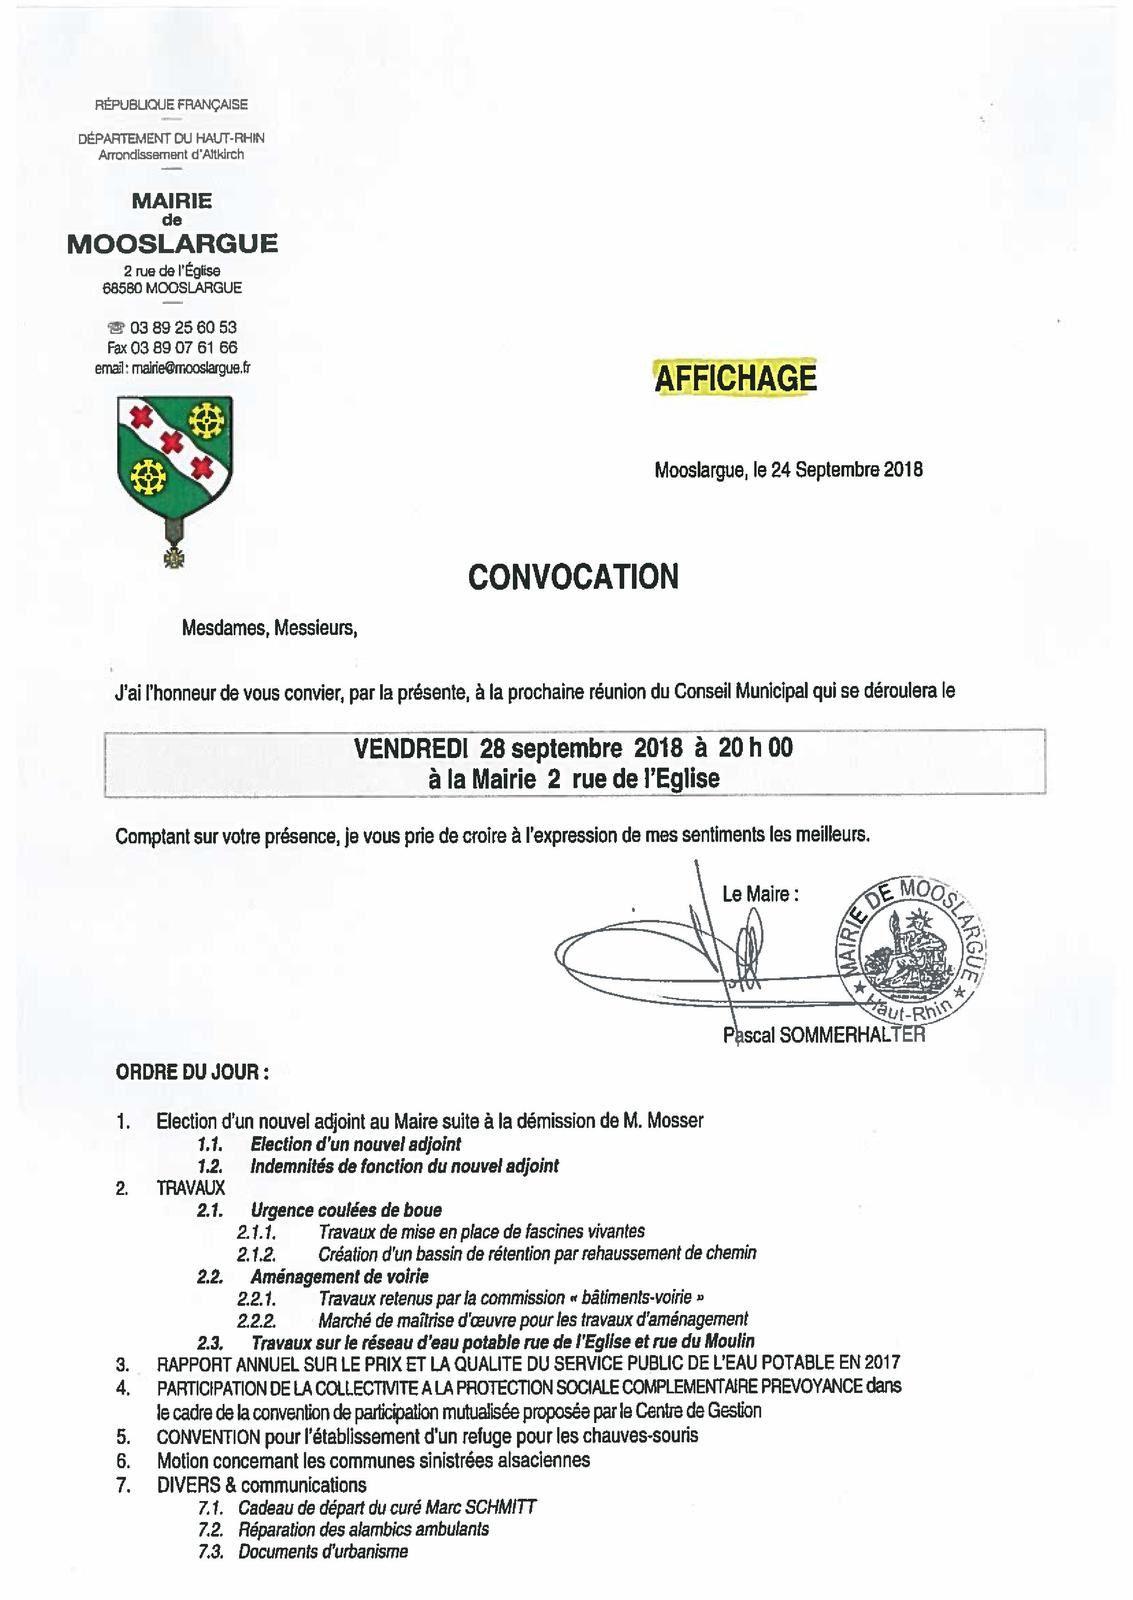 Conseil municipal à Mooslargue vendredi 28 septembre à 20h